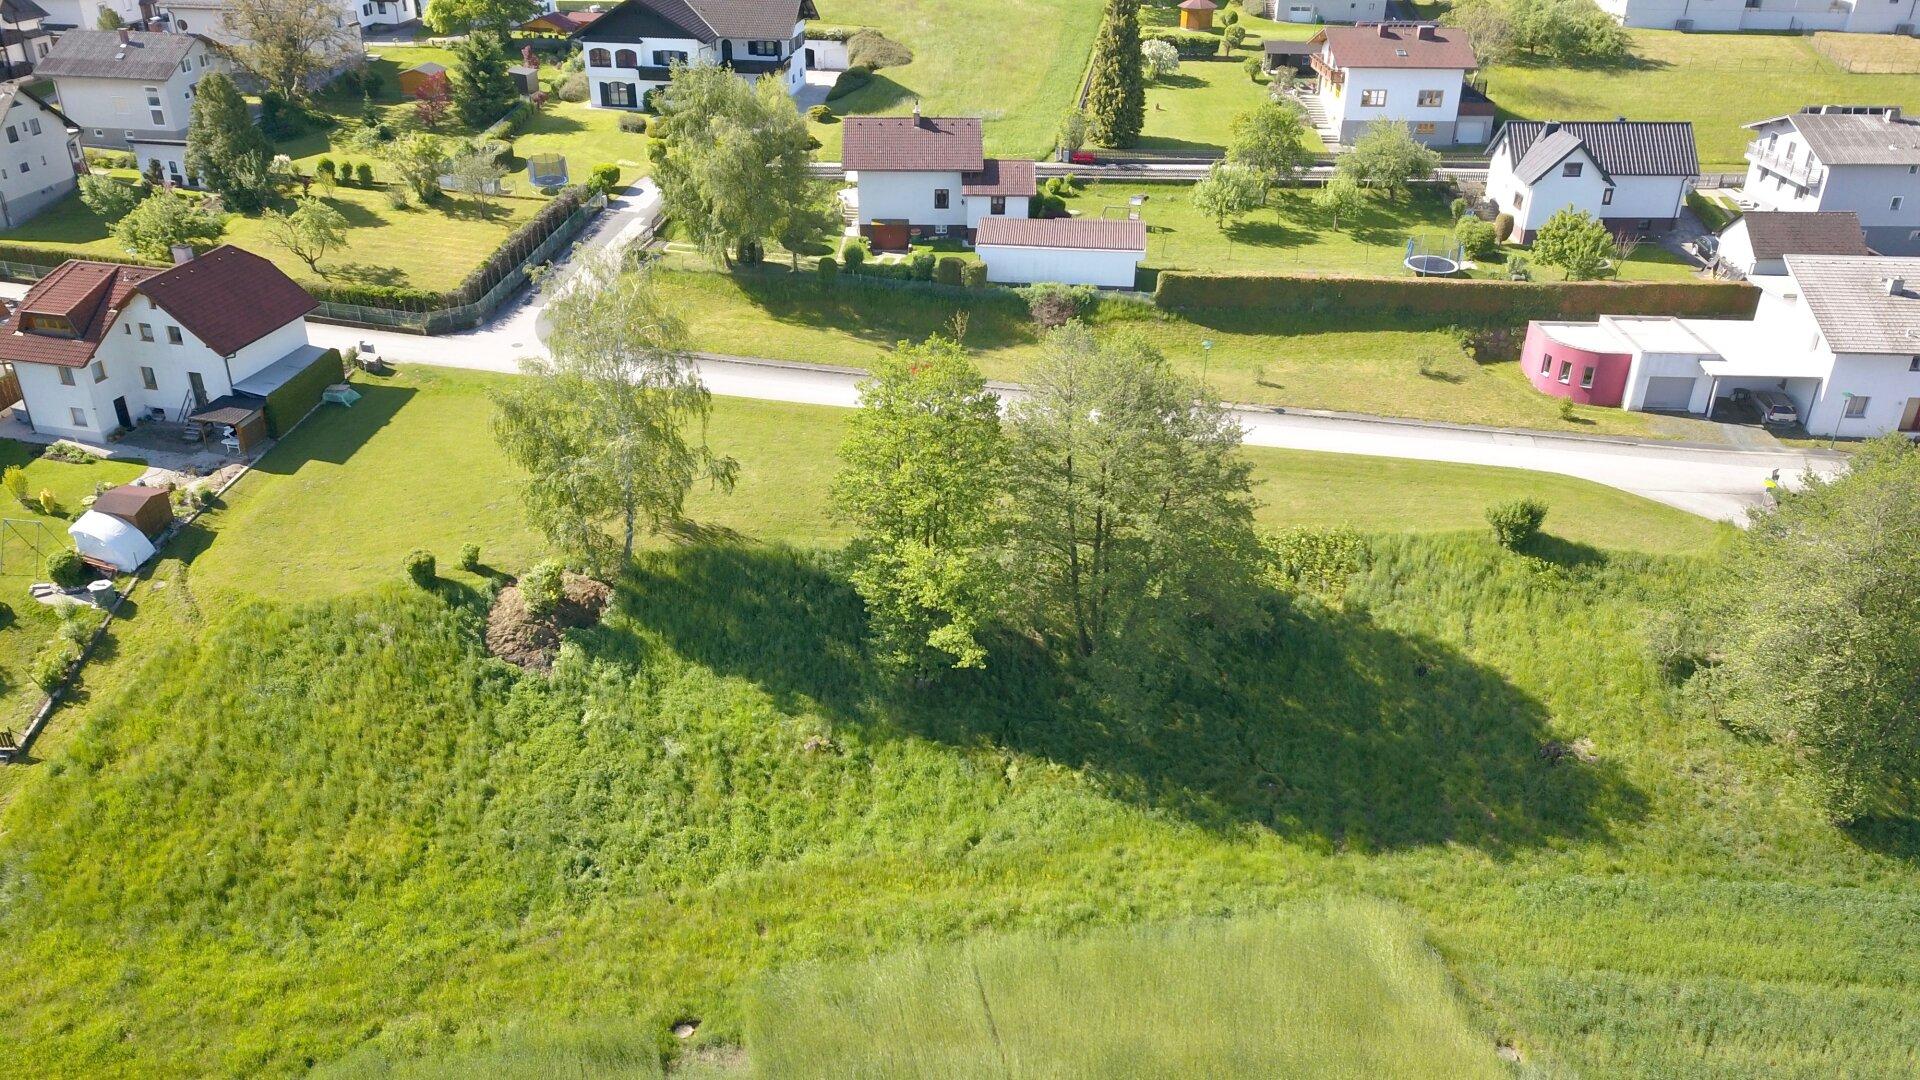 Traumhaftes, großes Grundstück in Kurgemeinde